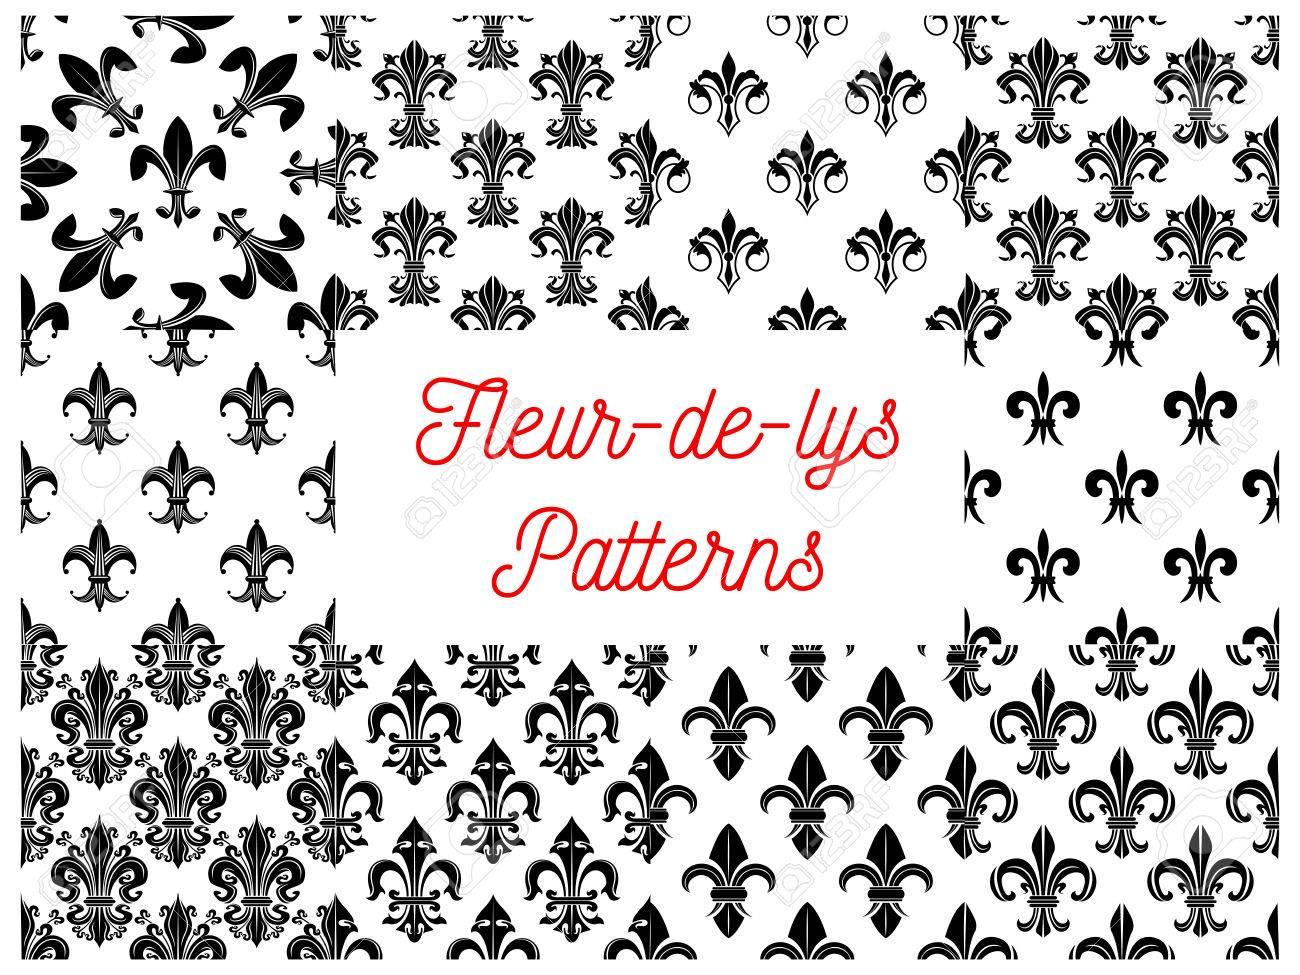 Patrones De Costura Heráldicos De Fleur-de-lys. Vectro Patrón De La ...